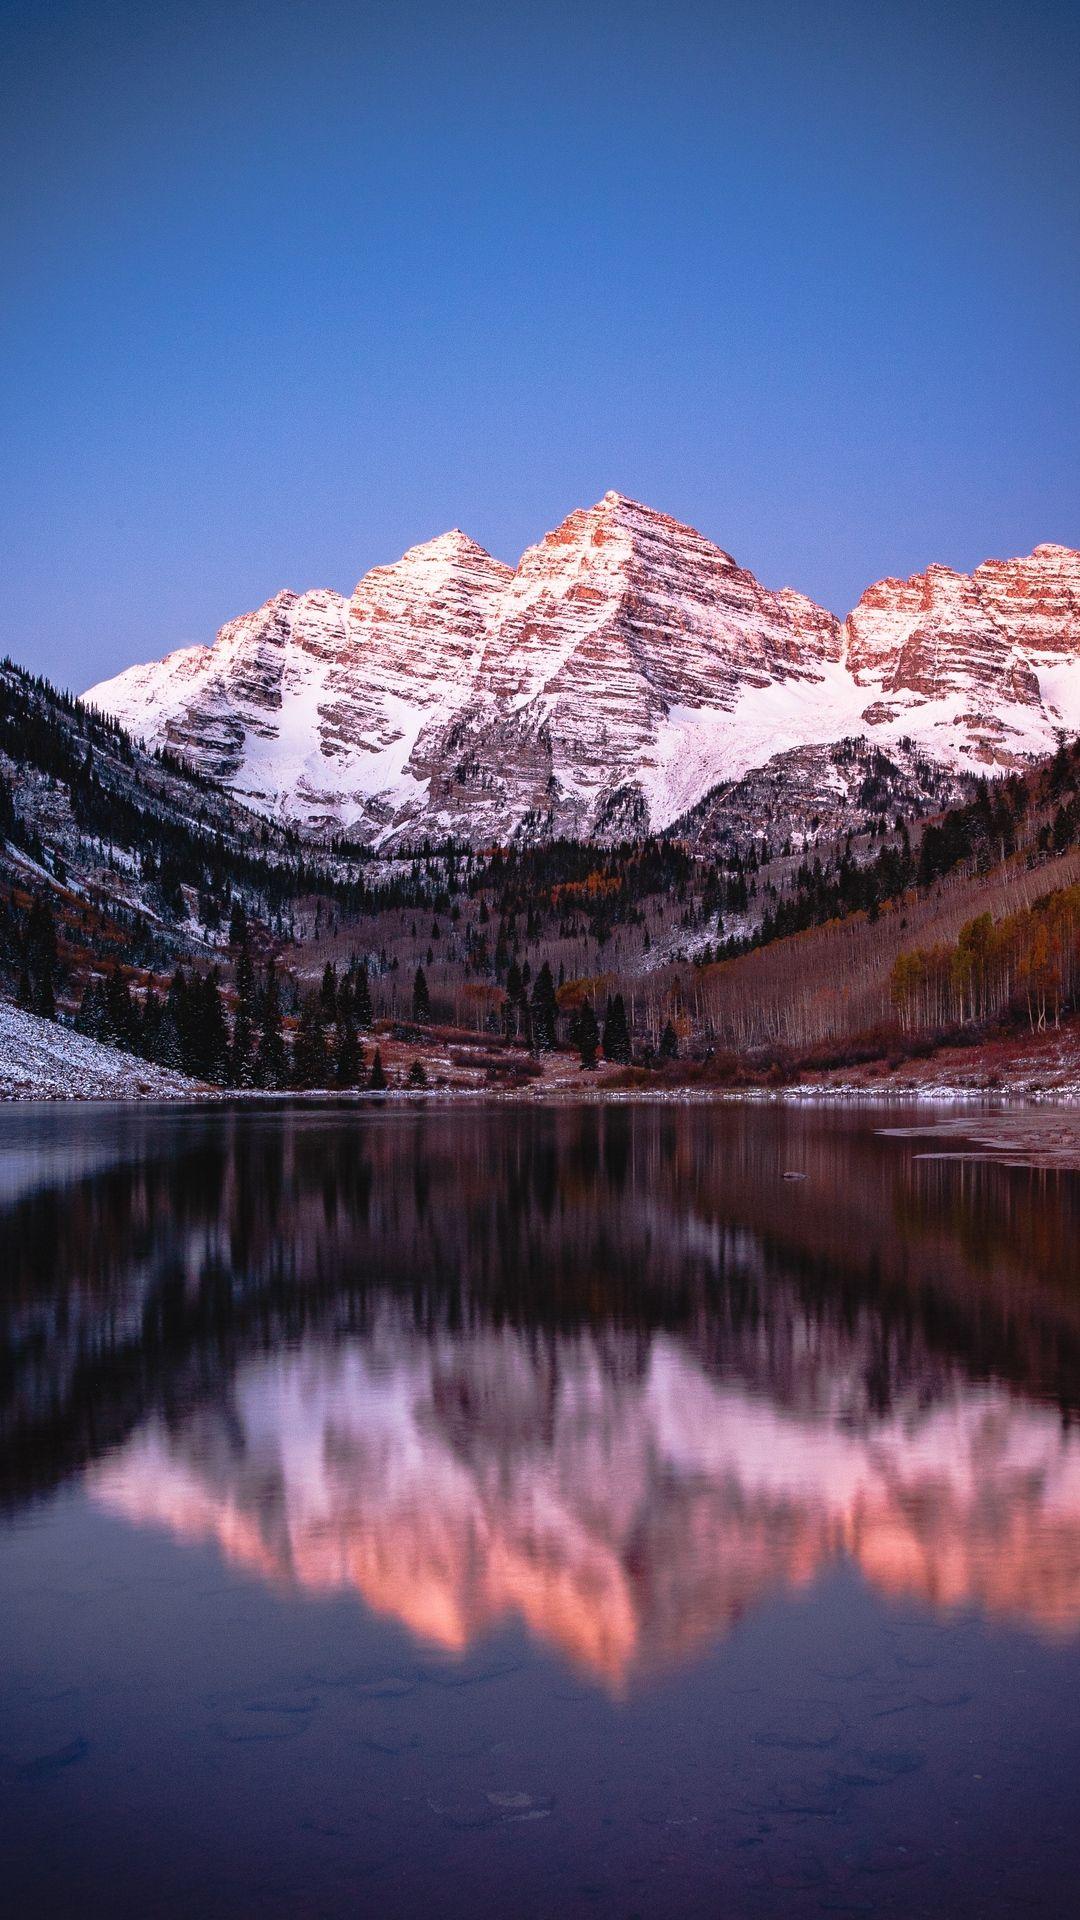 1080x1920 Wallpaper Mountain Lake Snow Reflection